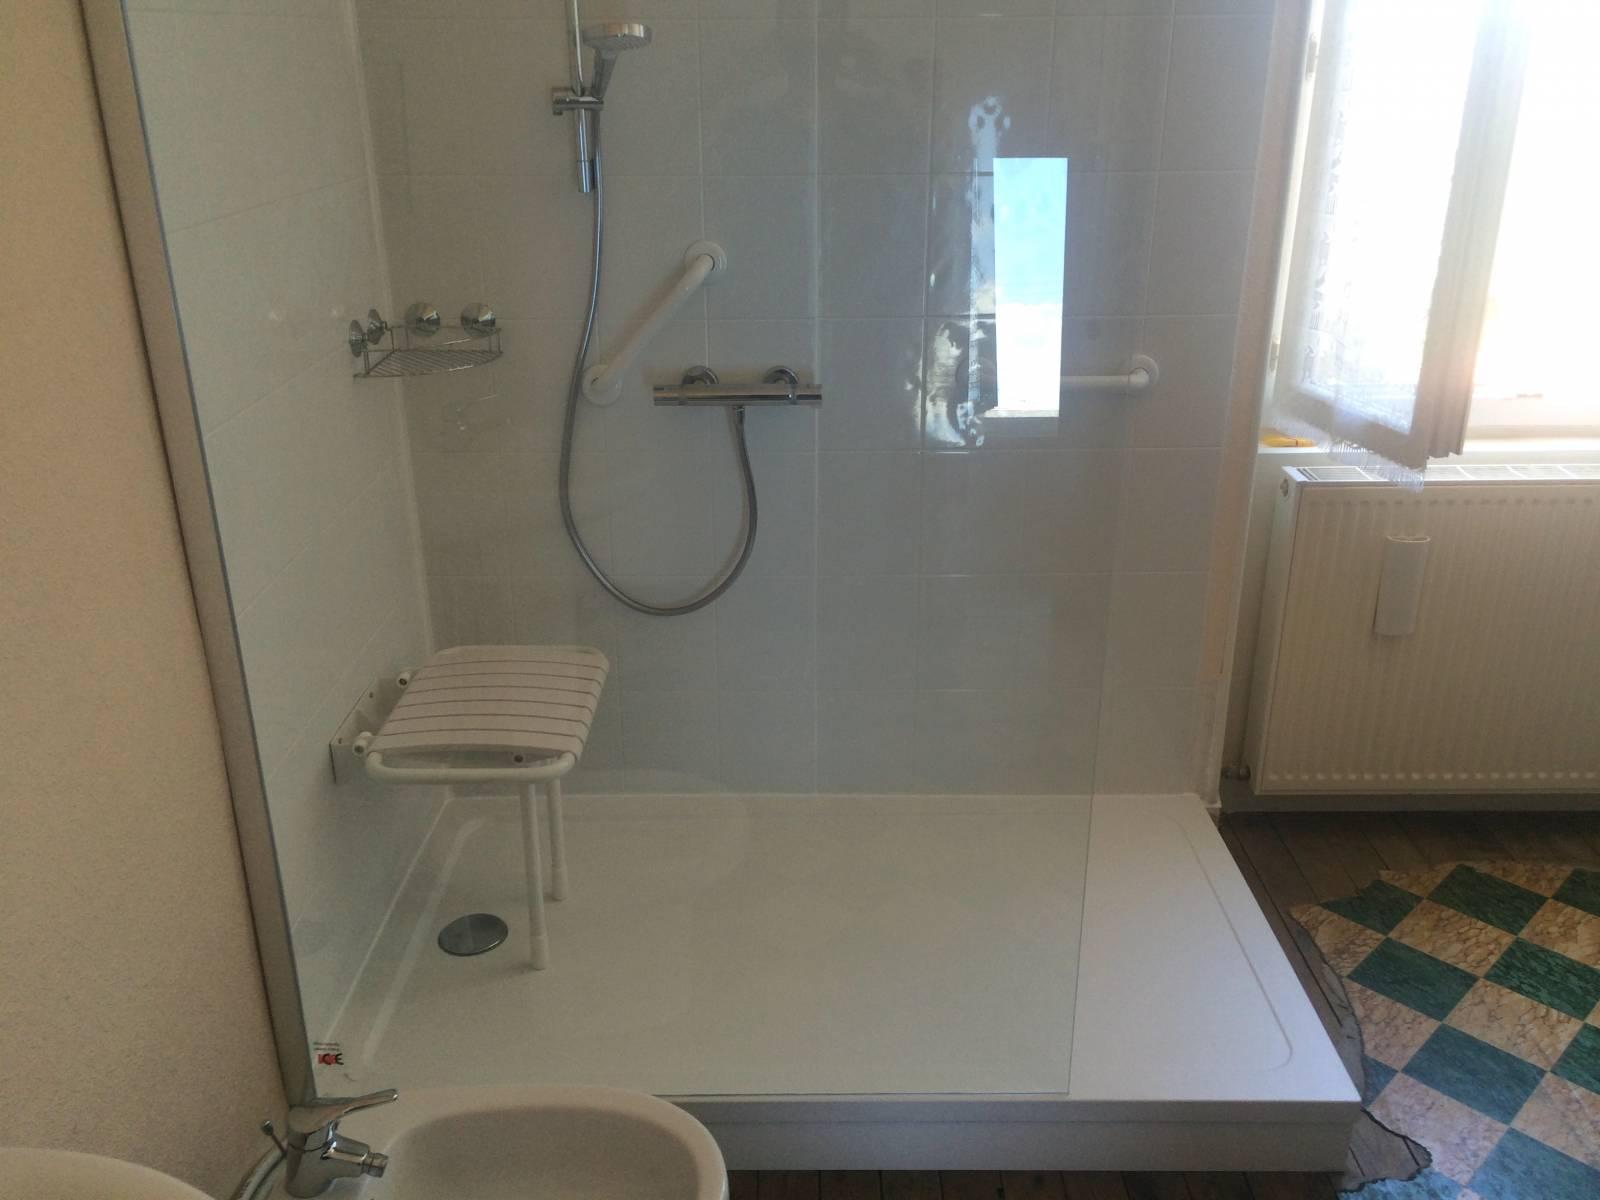 remplacement de baignoire par douche s curis e brignoles var 83 douche modul 39 eau. Black Bedroom Furniture Sets. Home Design Ideas